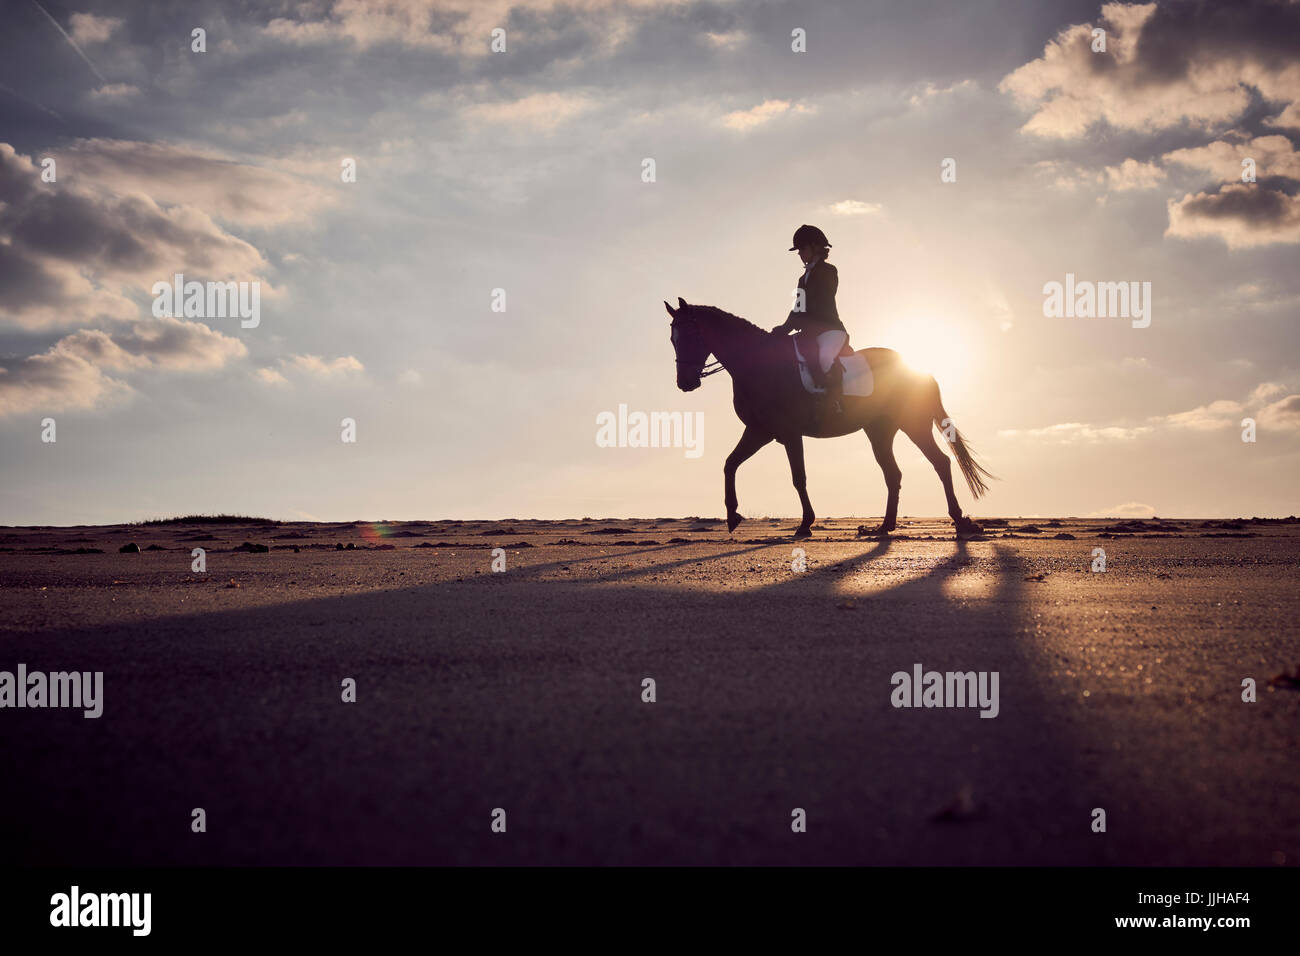 Una joven mujer montando a caballo en la playa al anochecer. Imagen De Stock